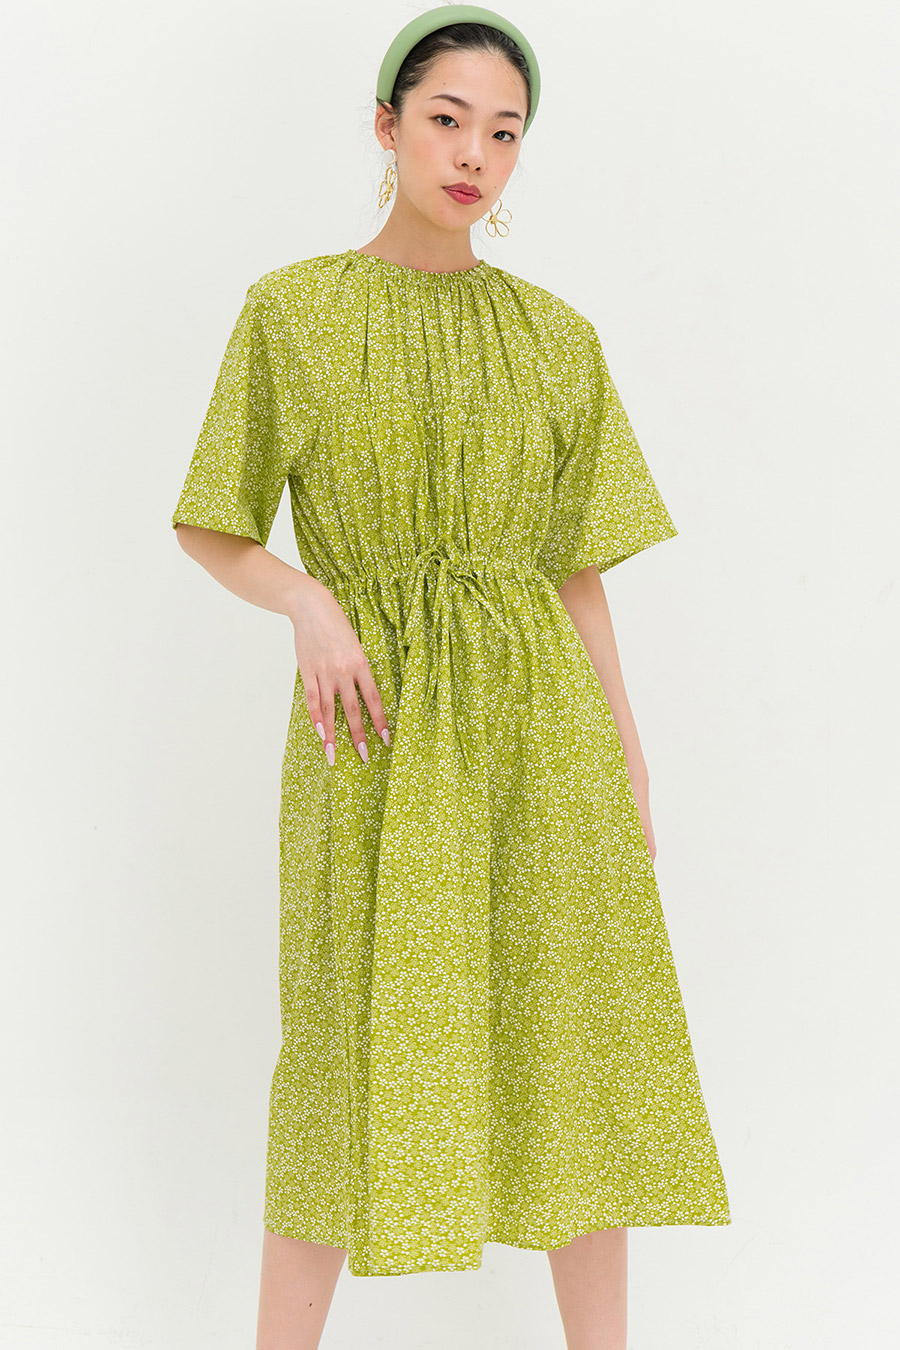 SOFIA DRESS - OLIVE FLEUR